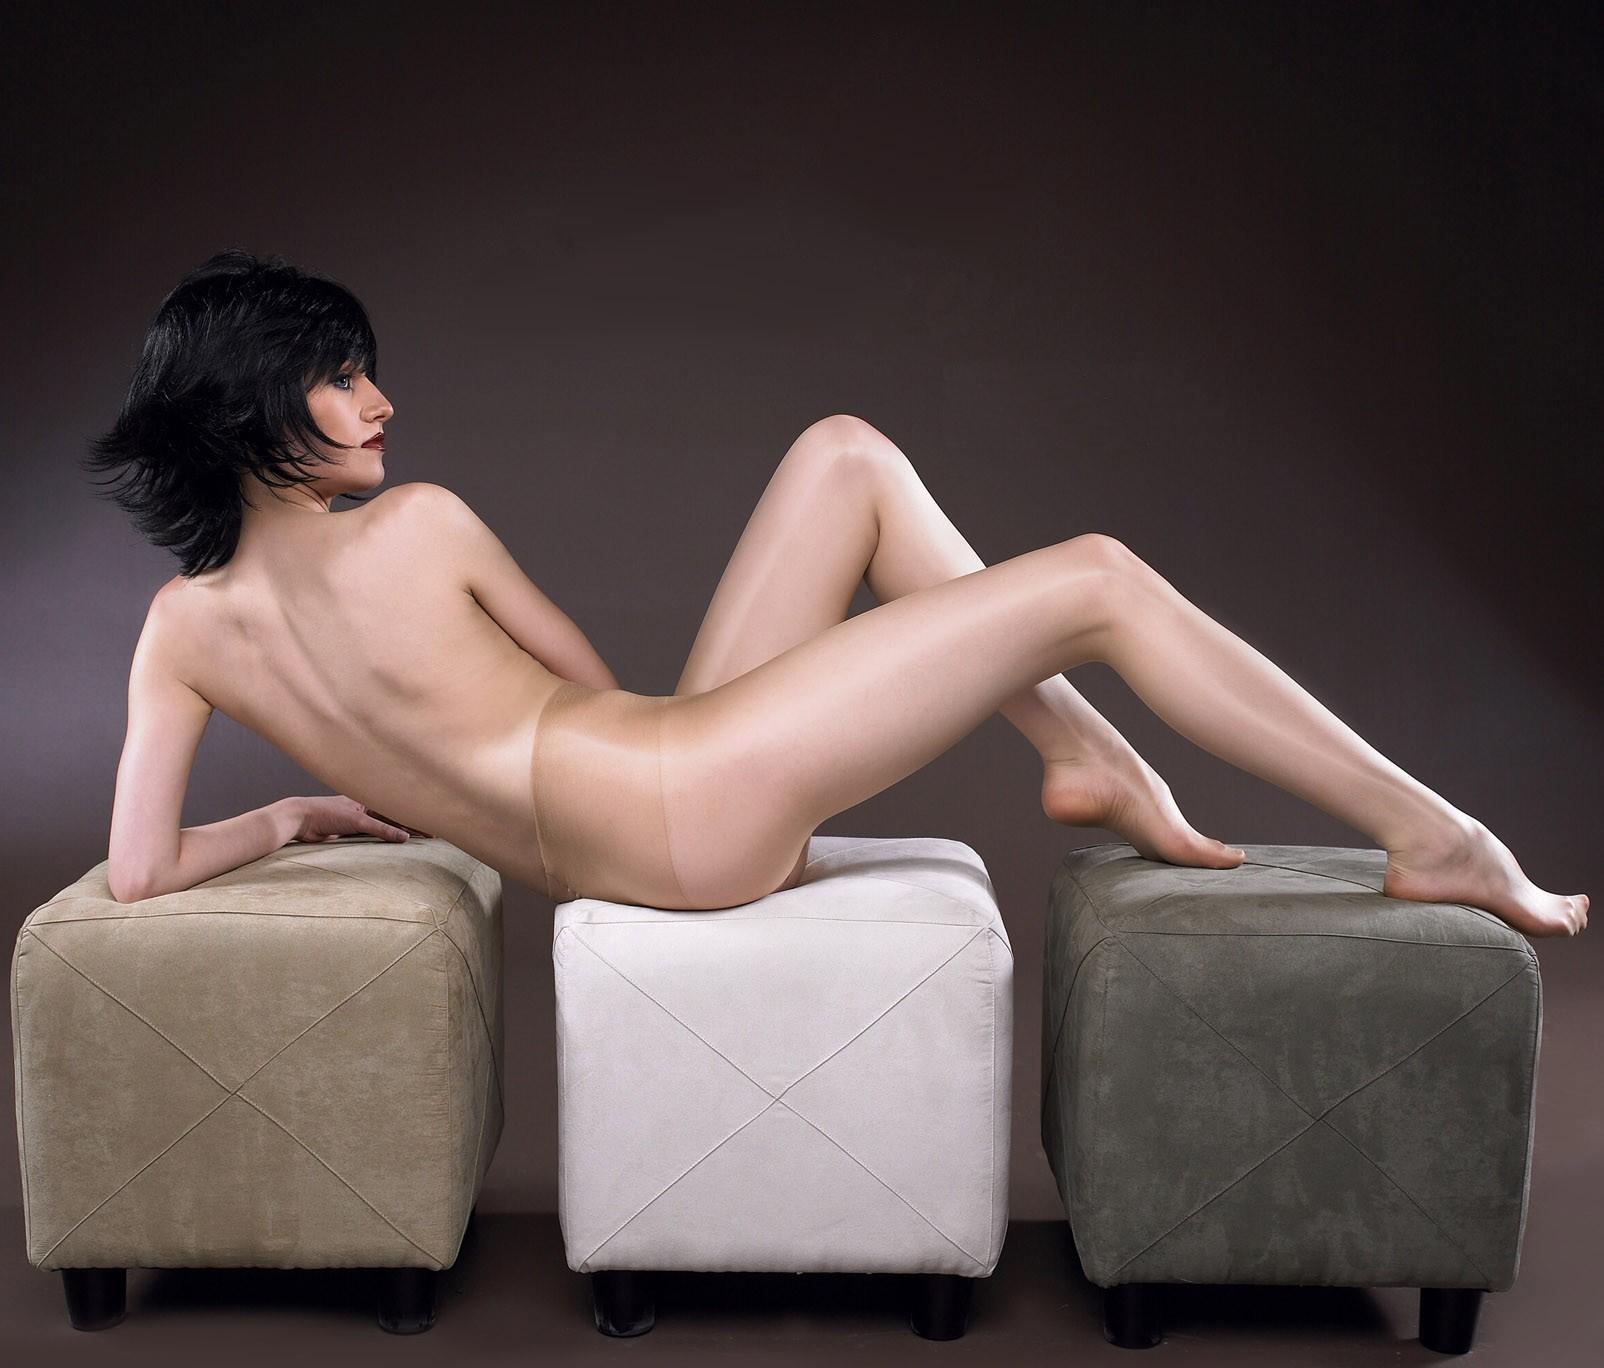 【背中フェチエロ画像】窪んだ中心舐めてみる?そそる裸の美女の後ろ姿www 22